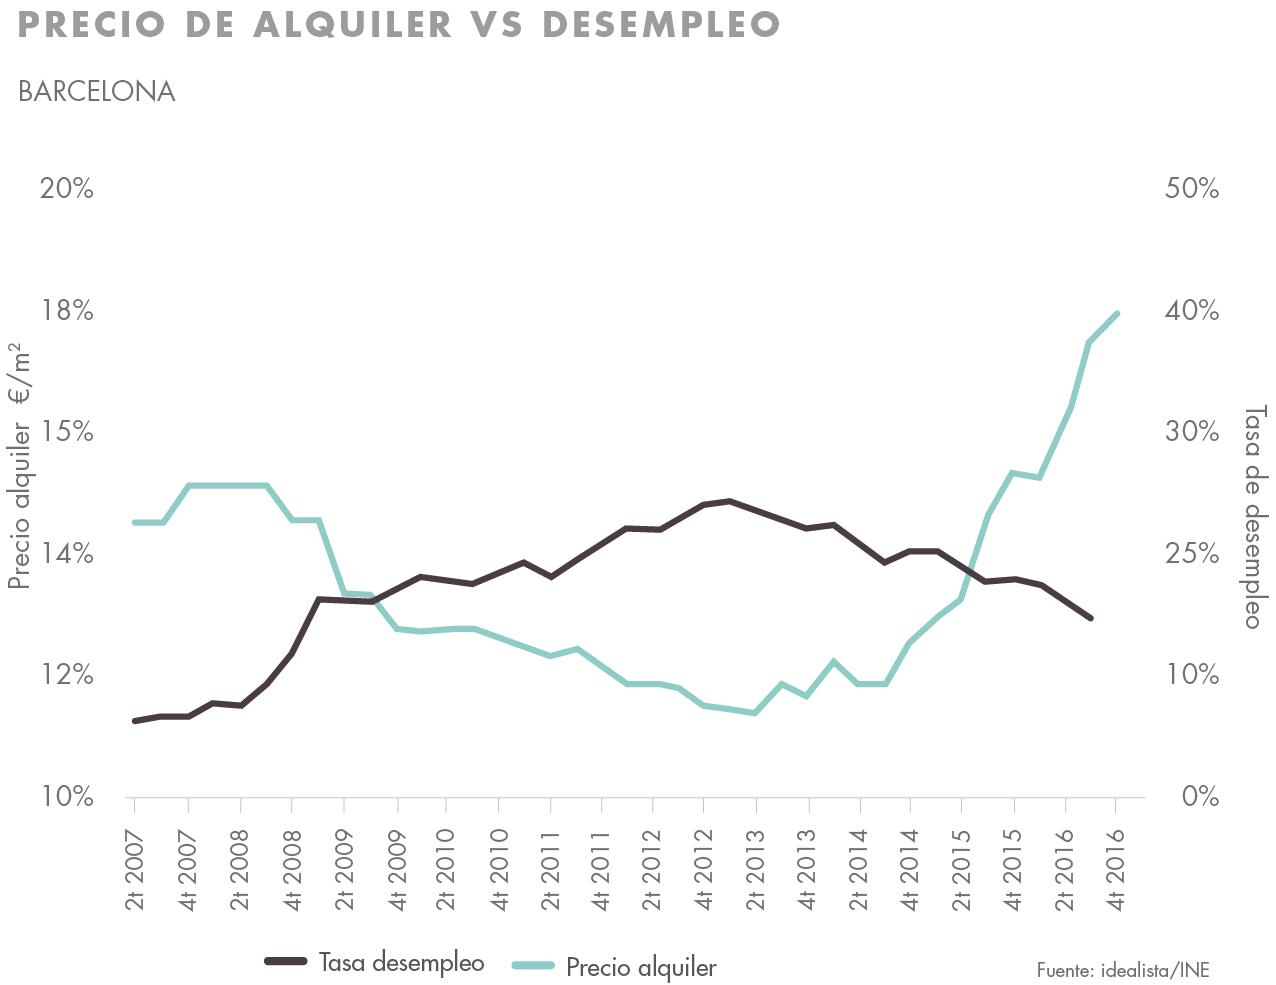 Comprar para alquilar desempleo y precio del alquiler barcelona